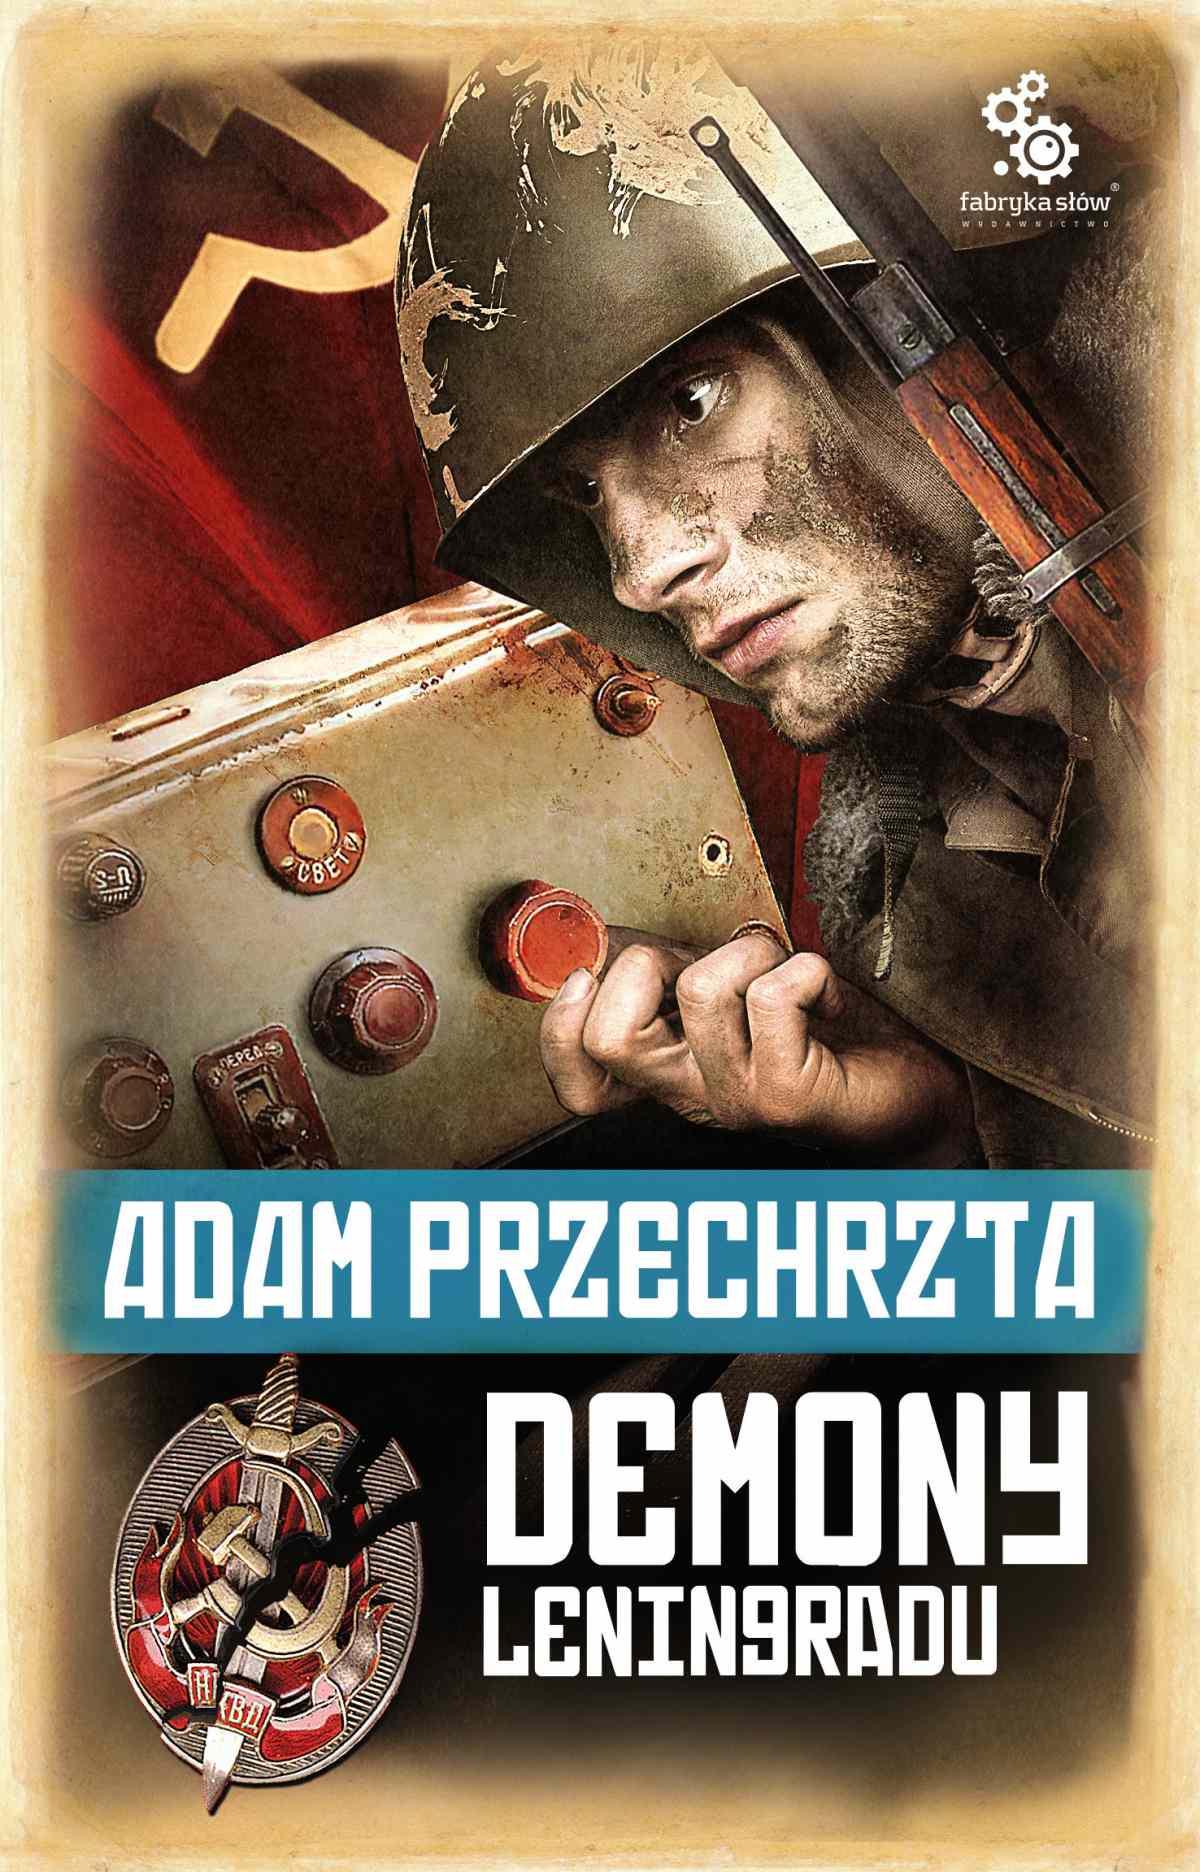 Demony Leningradu - Ebook (Książka EPUB) do pobrania w formacie EPUB